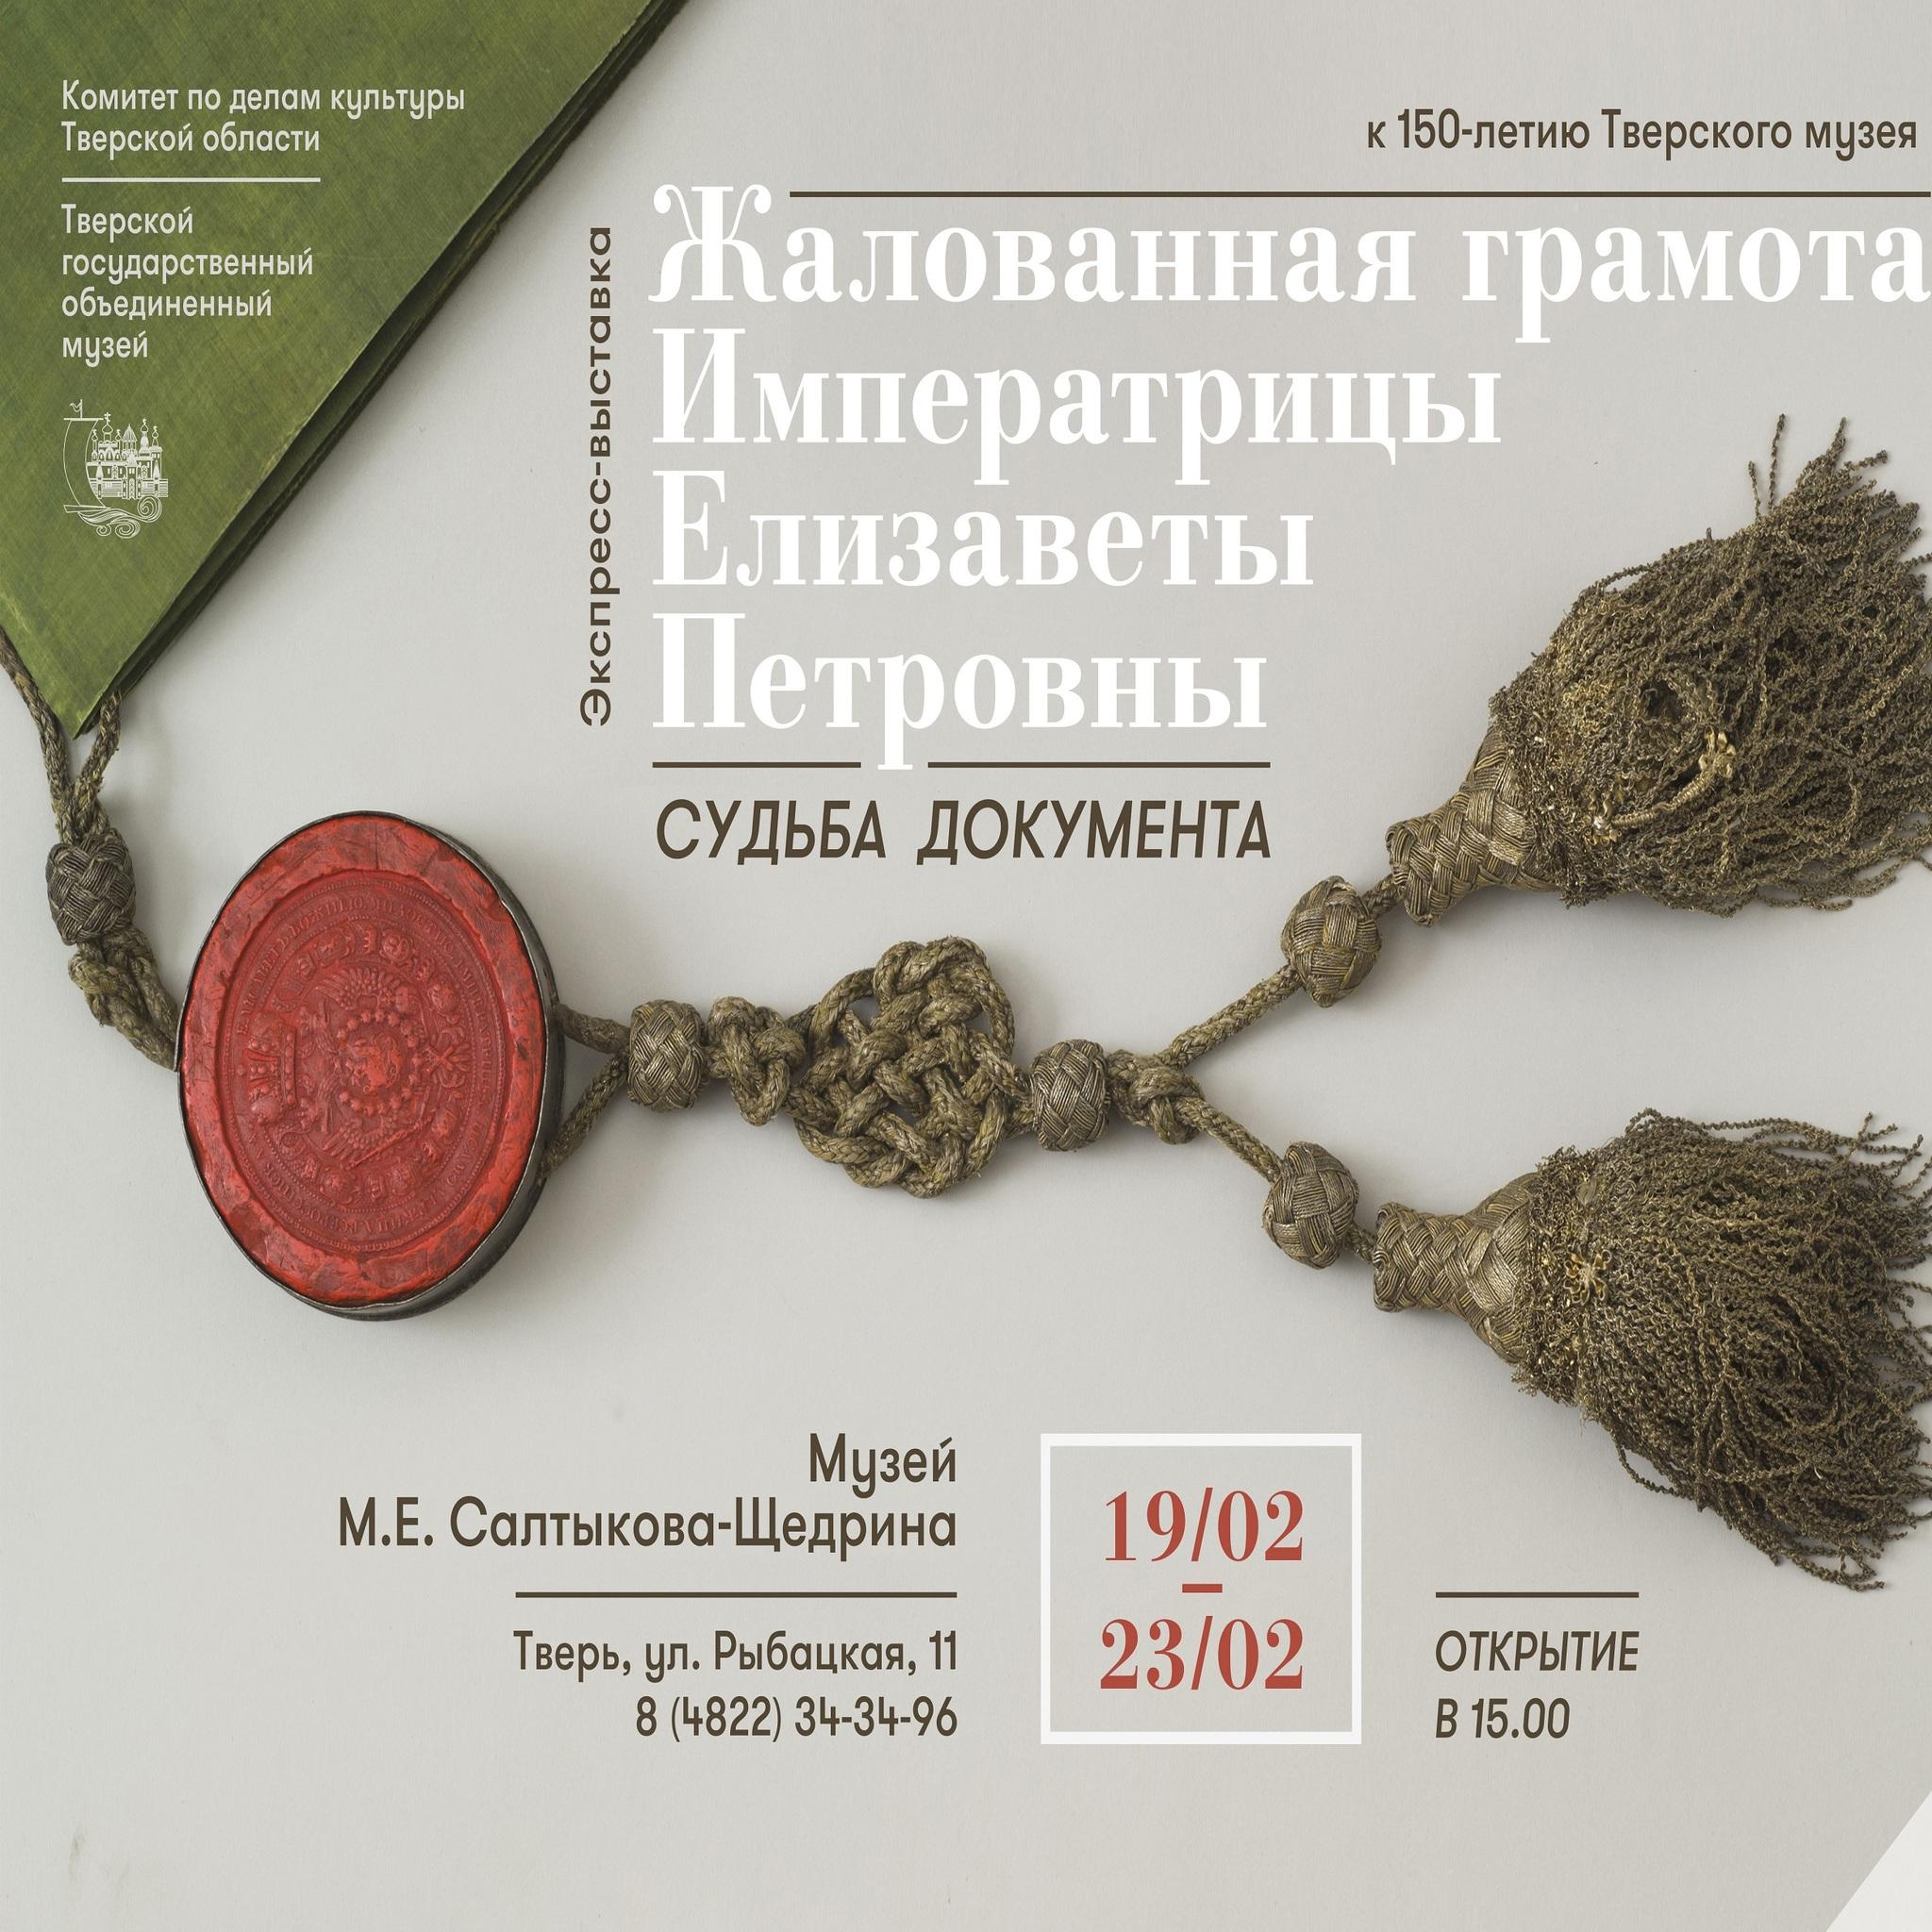 Экспресс-выставка «Жалованная грамота Императрицы Елизаветы Петровны 1759 г»